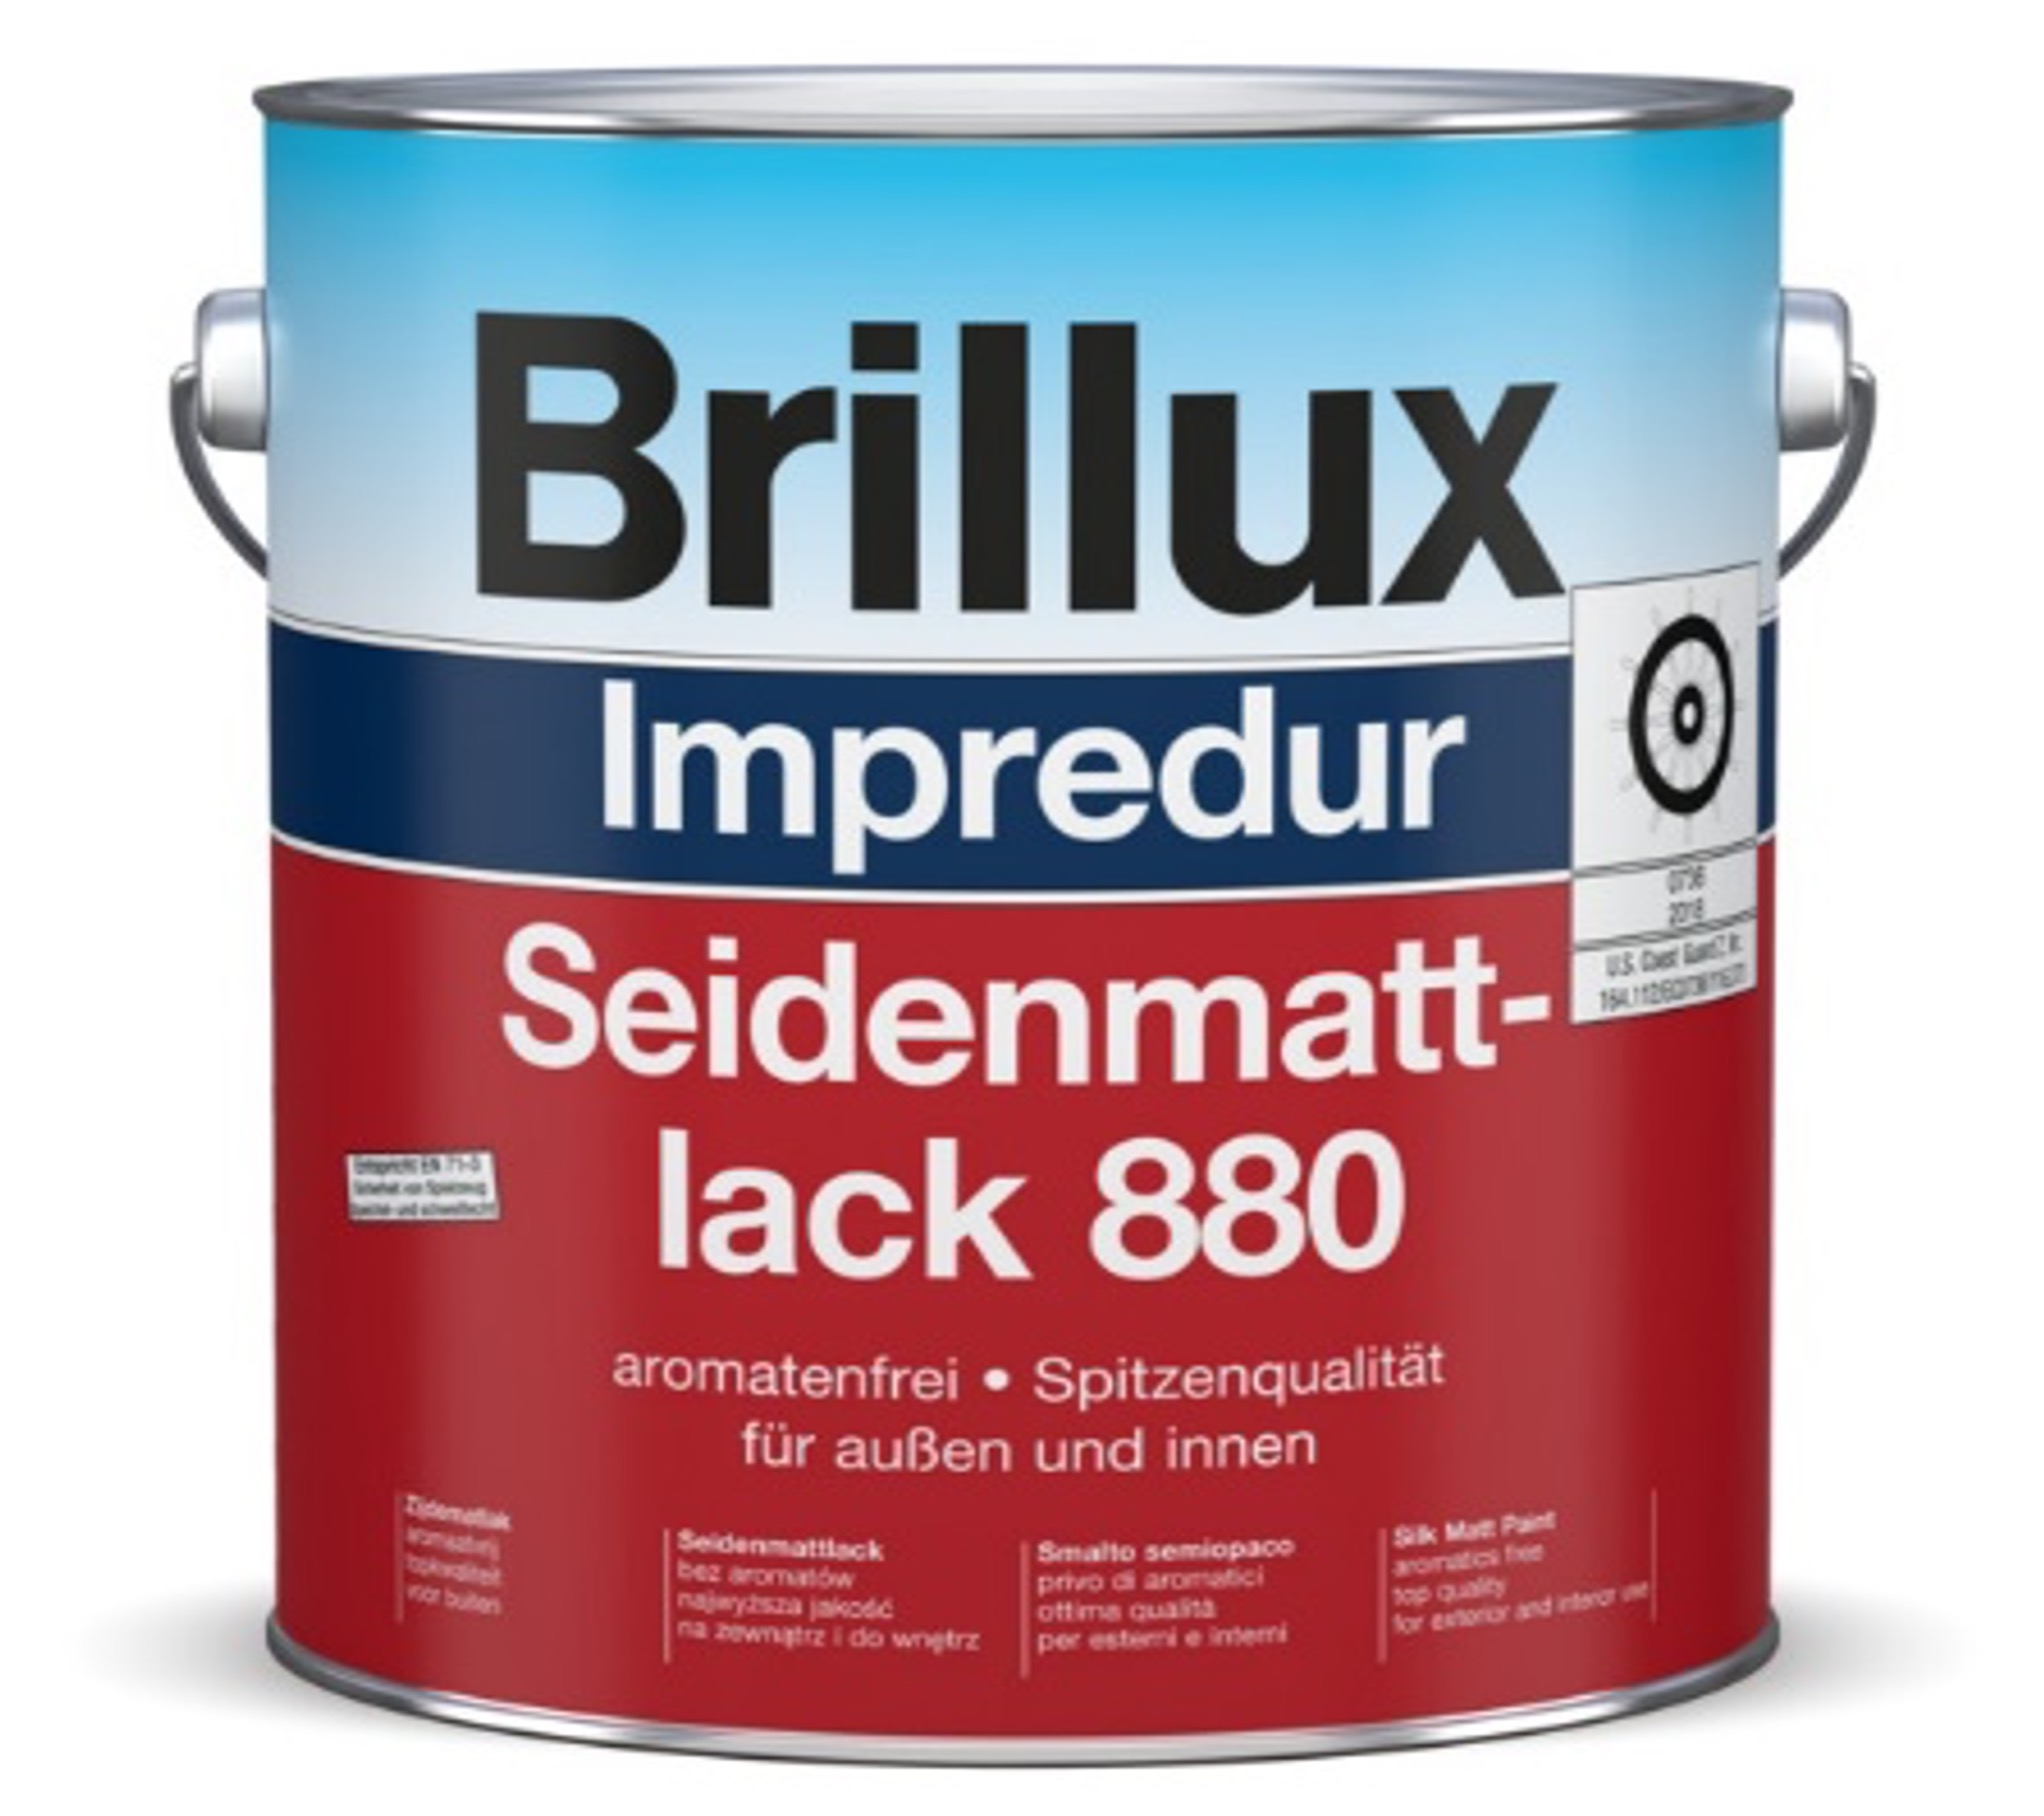 Brillux Impredur Seidenmattlack 880 für Hochwertige Lackierungen Image